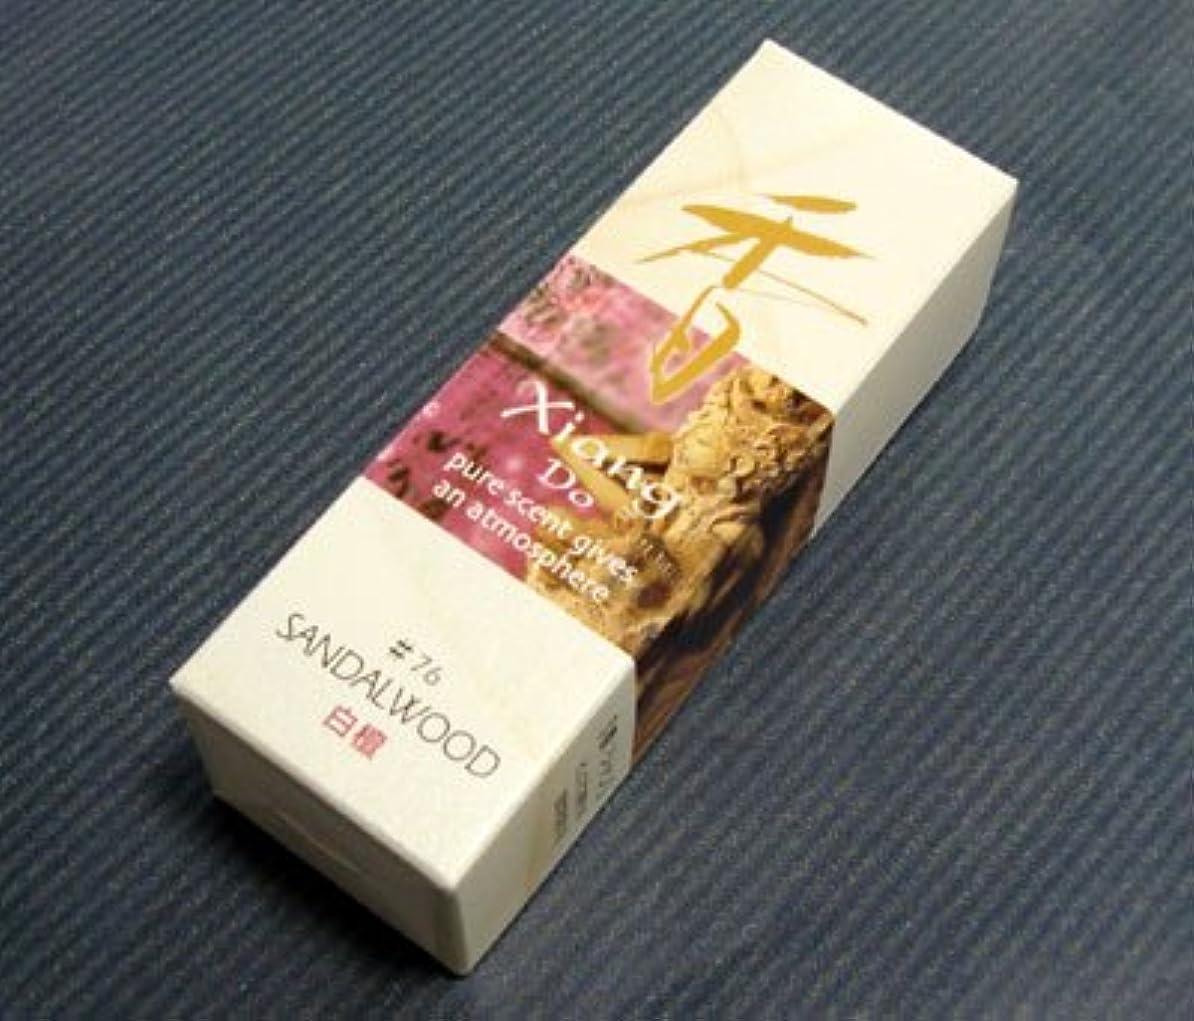 破滅郊外ぼかすピュアな白檀の香り 松栄堂【Xiang Do サンダルウッド】スティック 【お香】